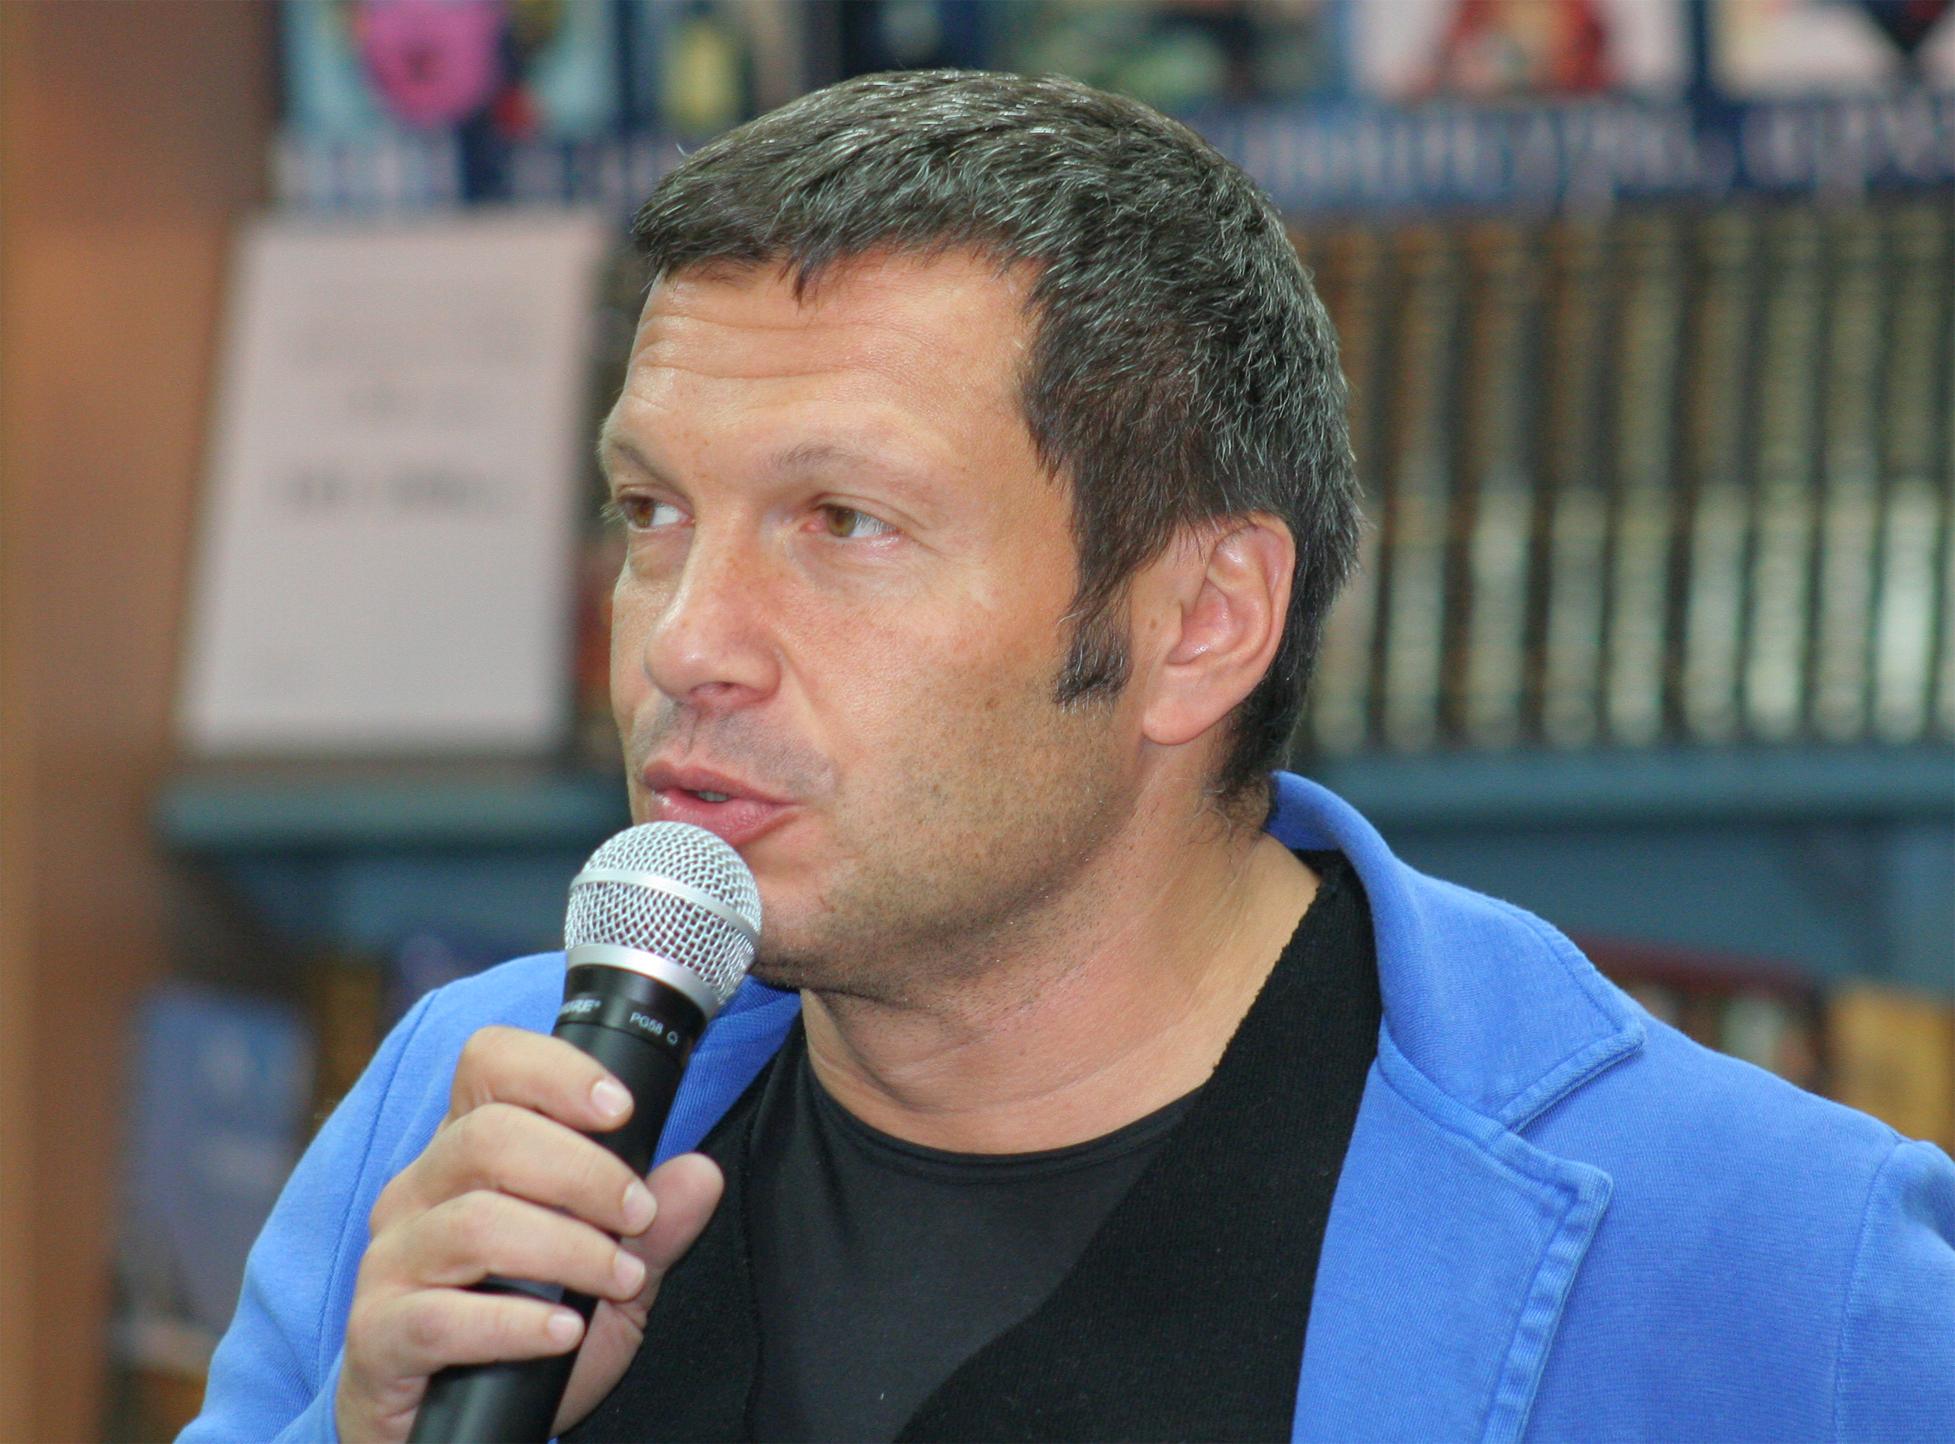 Vladimir_Solovyov_(journalist).jpg